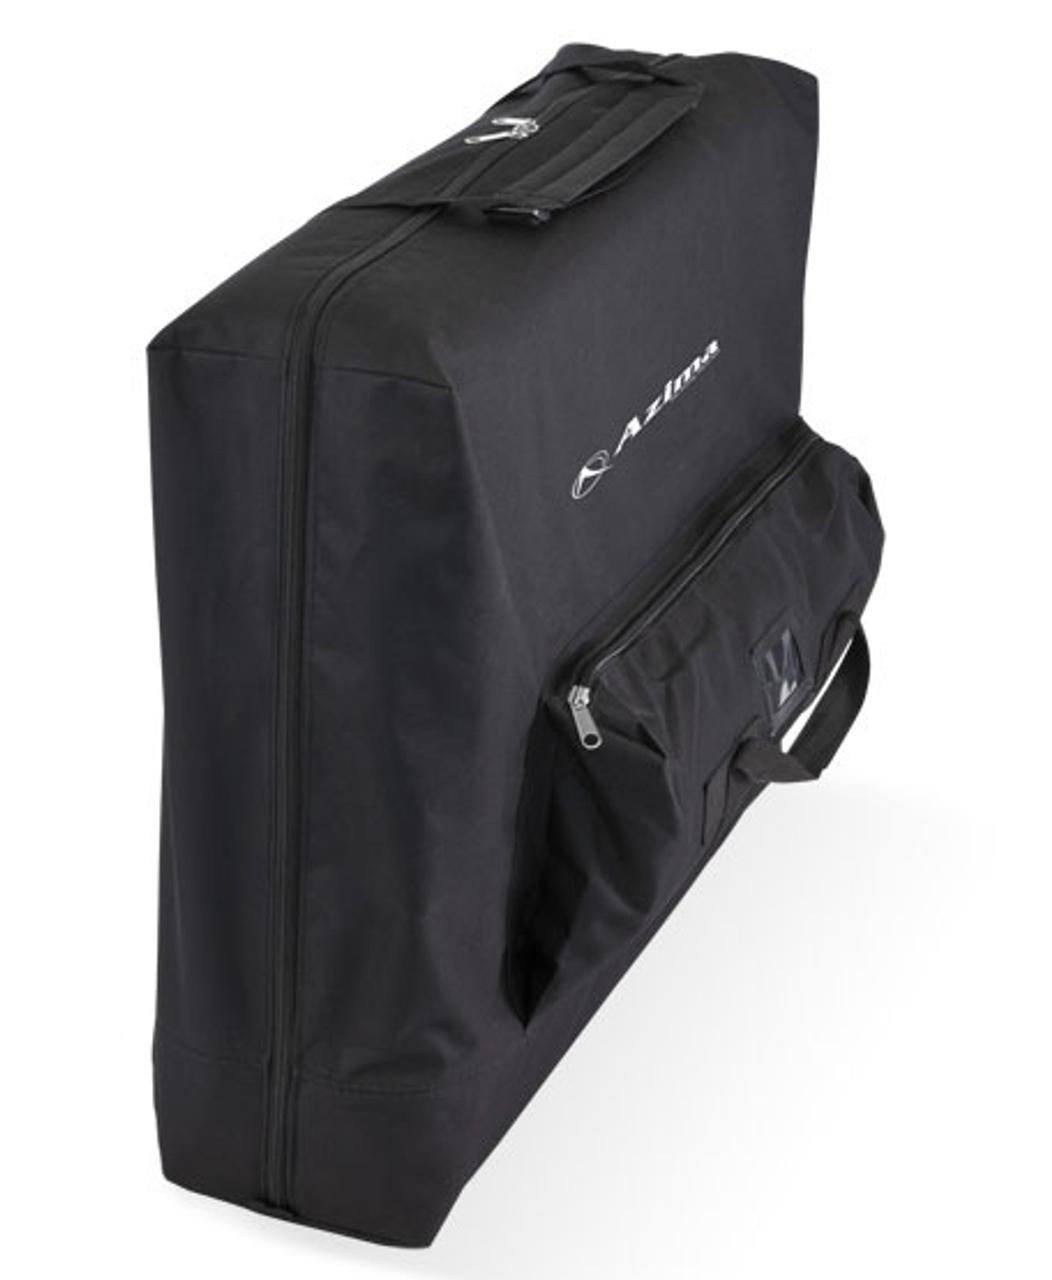 Optional Heavy duty carry bag $88